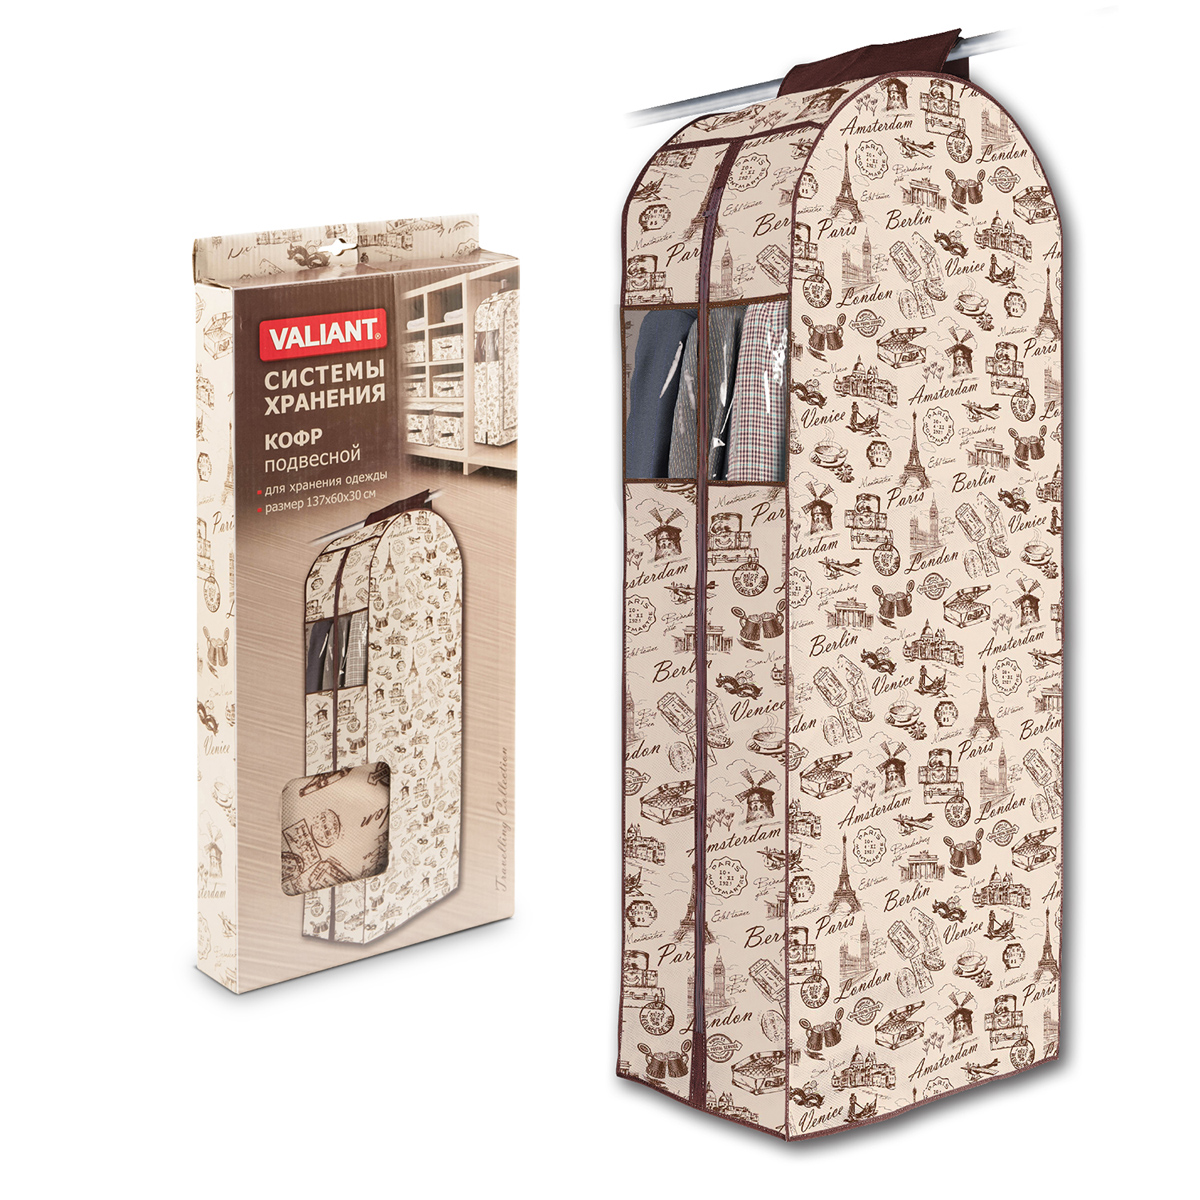 """Подвесной кофр для одежды Valiant """"Travelling"""" изготовлен из высококачественного нетканого материала (спанбонда), который обеспечивает естественную вентиляцию, позволяя воздуху проникать внутрь, но не пропускает пыль. Кофр очень удобен в использовании. Благодаря размерам и форме отлично подходит для транспортировки и долговременного хранения одежды (летом - теплых курток и пальто, зимой - летнего гардероба). Легко открывается и закрывается с помощью застежки-молнии. Кофр снабжен прозрачным окошком из ПВХ, что позволяет легко просматривать содержимое. Изделие снабжено широкой петлей на липучках, с помощью которой крепится к перекладине в гардеробе. Оригинальный дизайн погружает в атмосферу путешествий по разным городам и странам. Системы хранения в едином дизайне сделают вашу гардеробную красивой и невероятно стильной."""